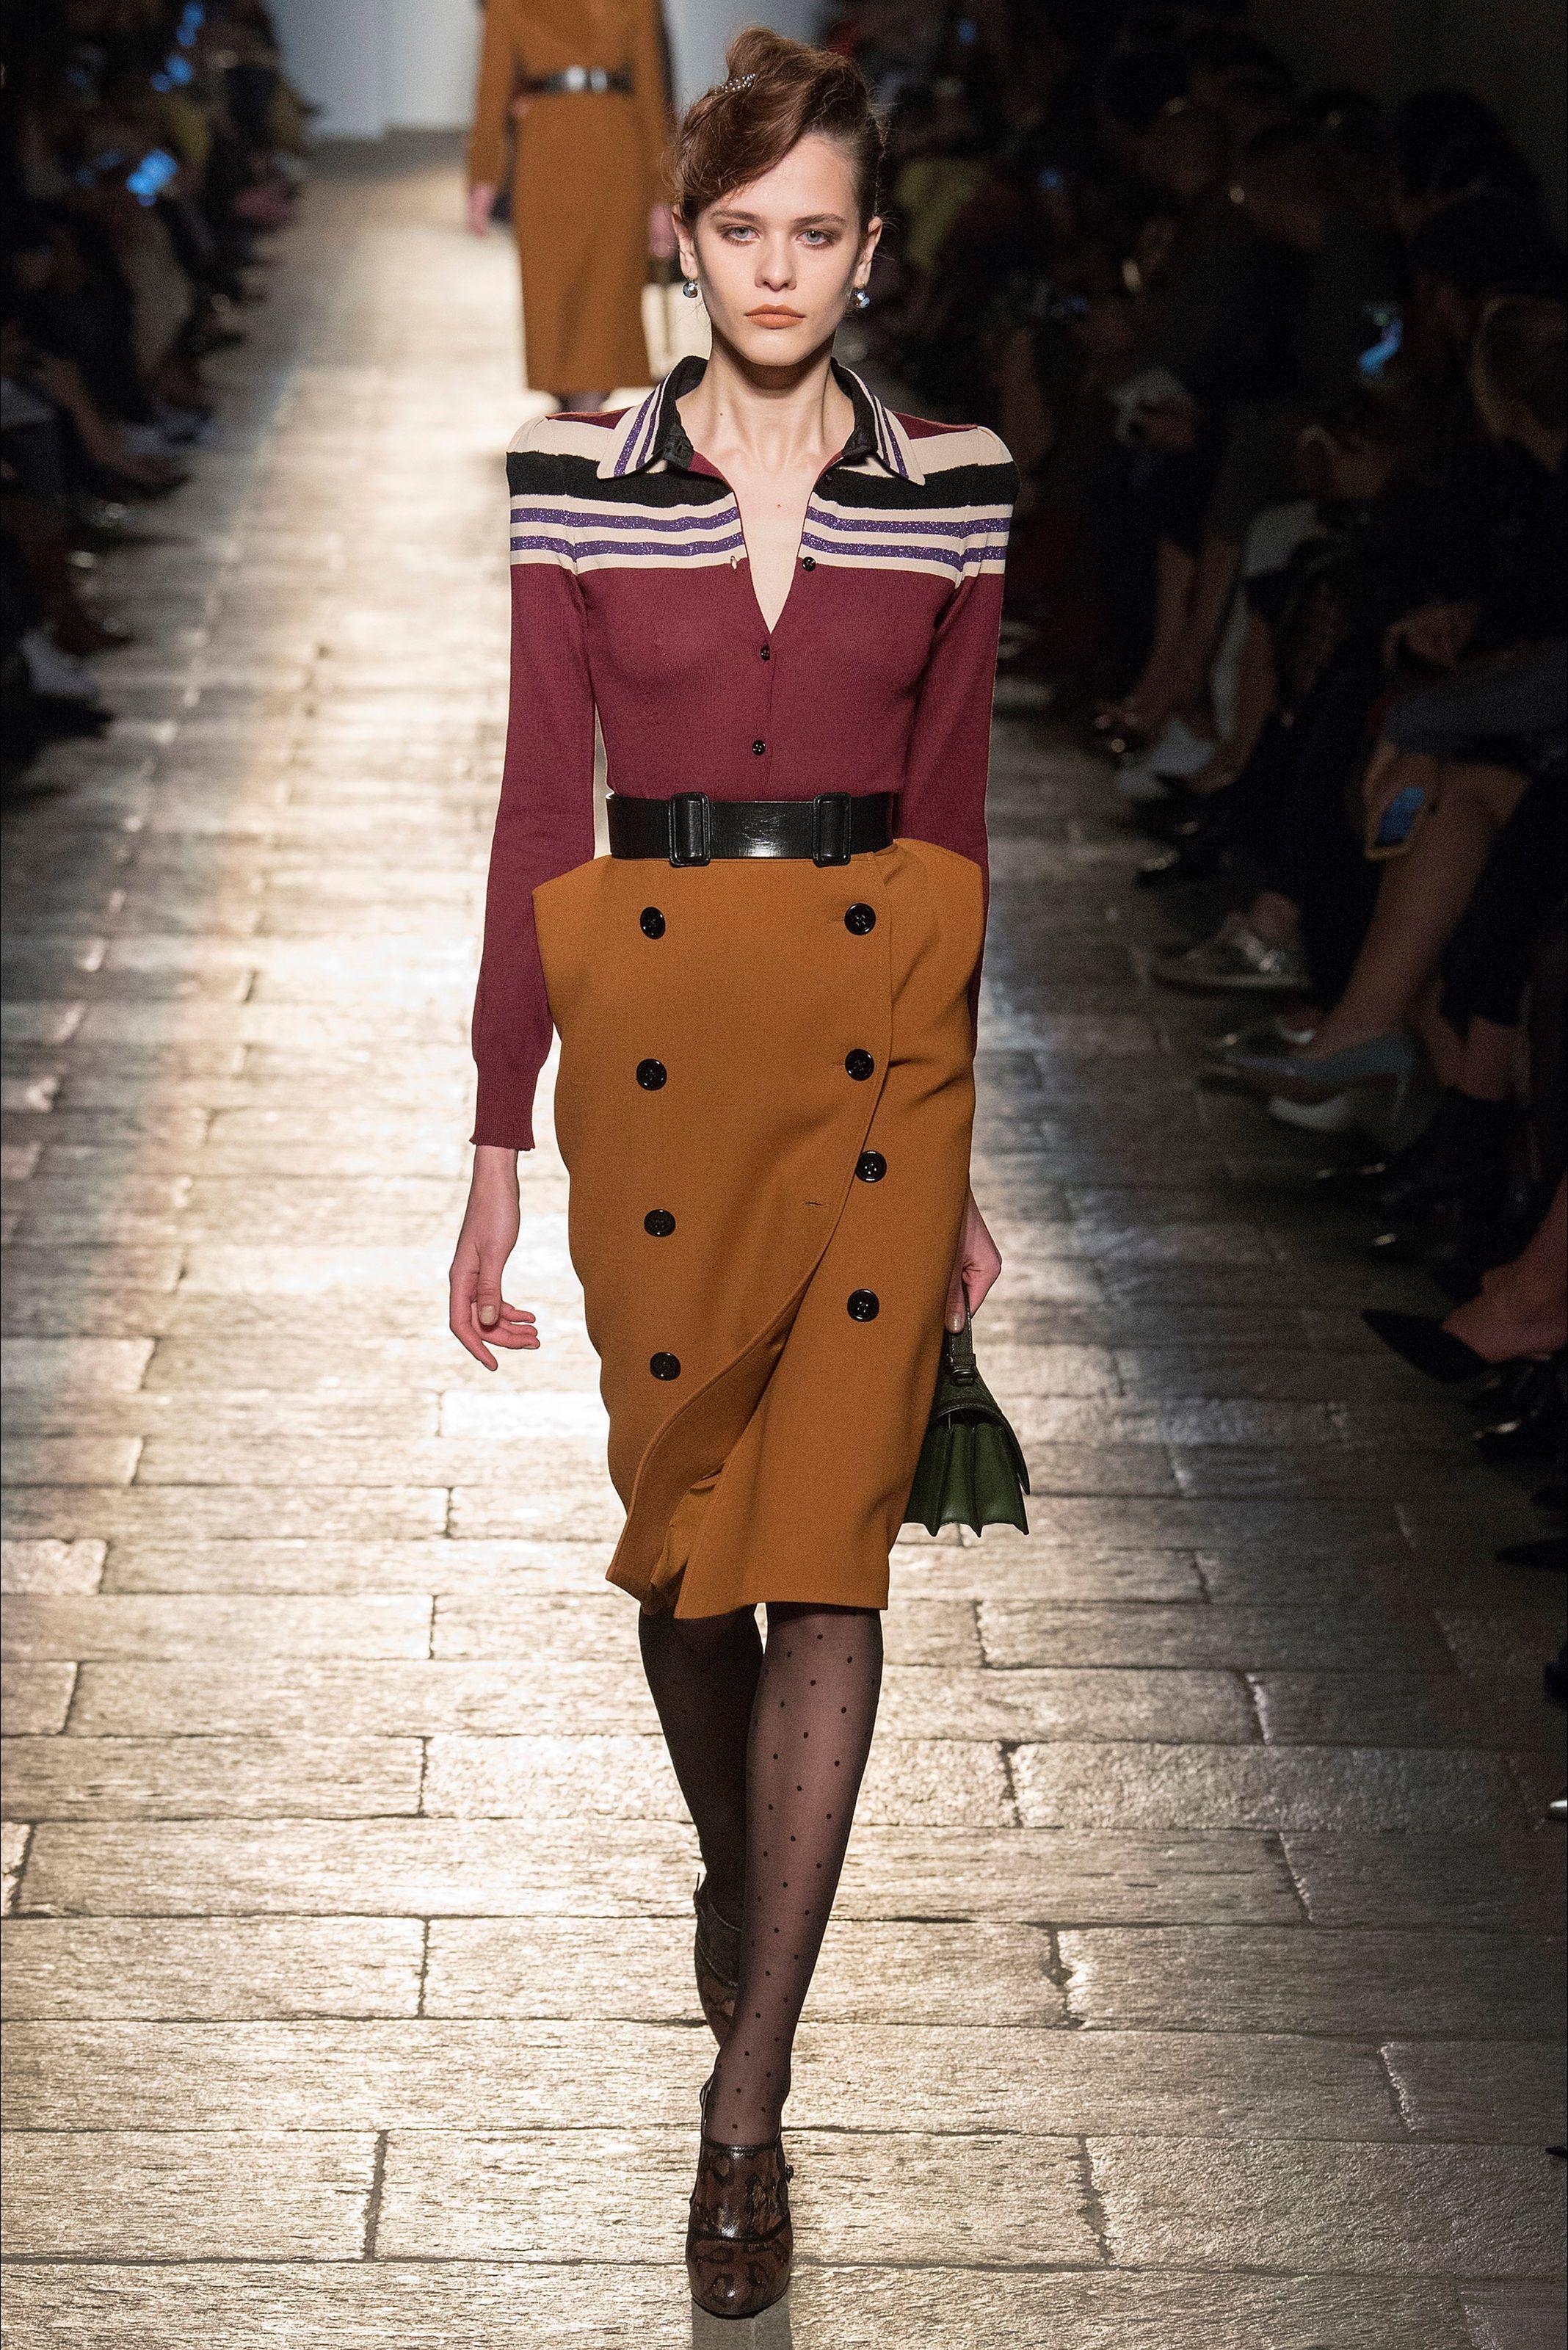 b68a4e77f28c2a Guarda la sfilata di moda Bottega Veneta a Milano e scopri la collezione di  abiti e